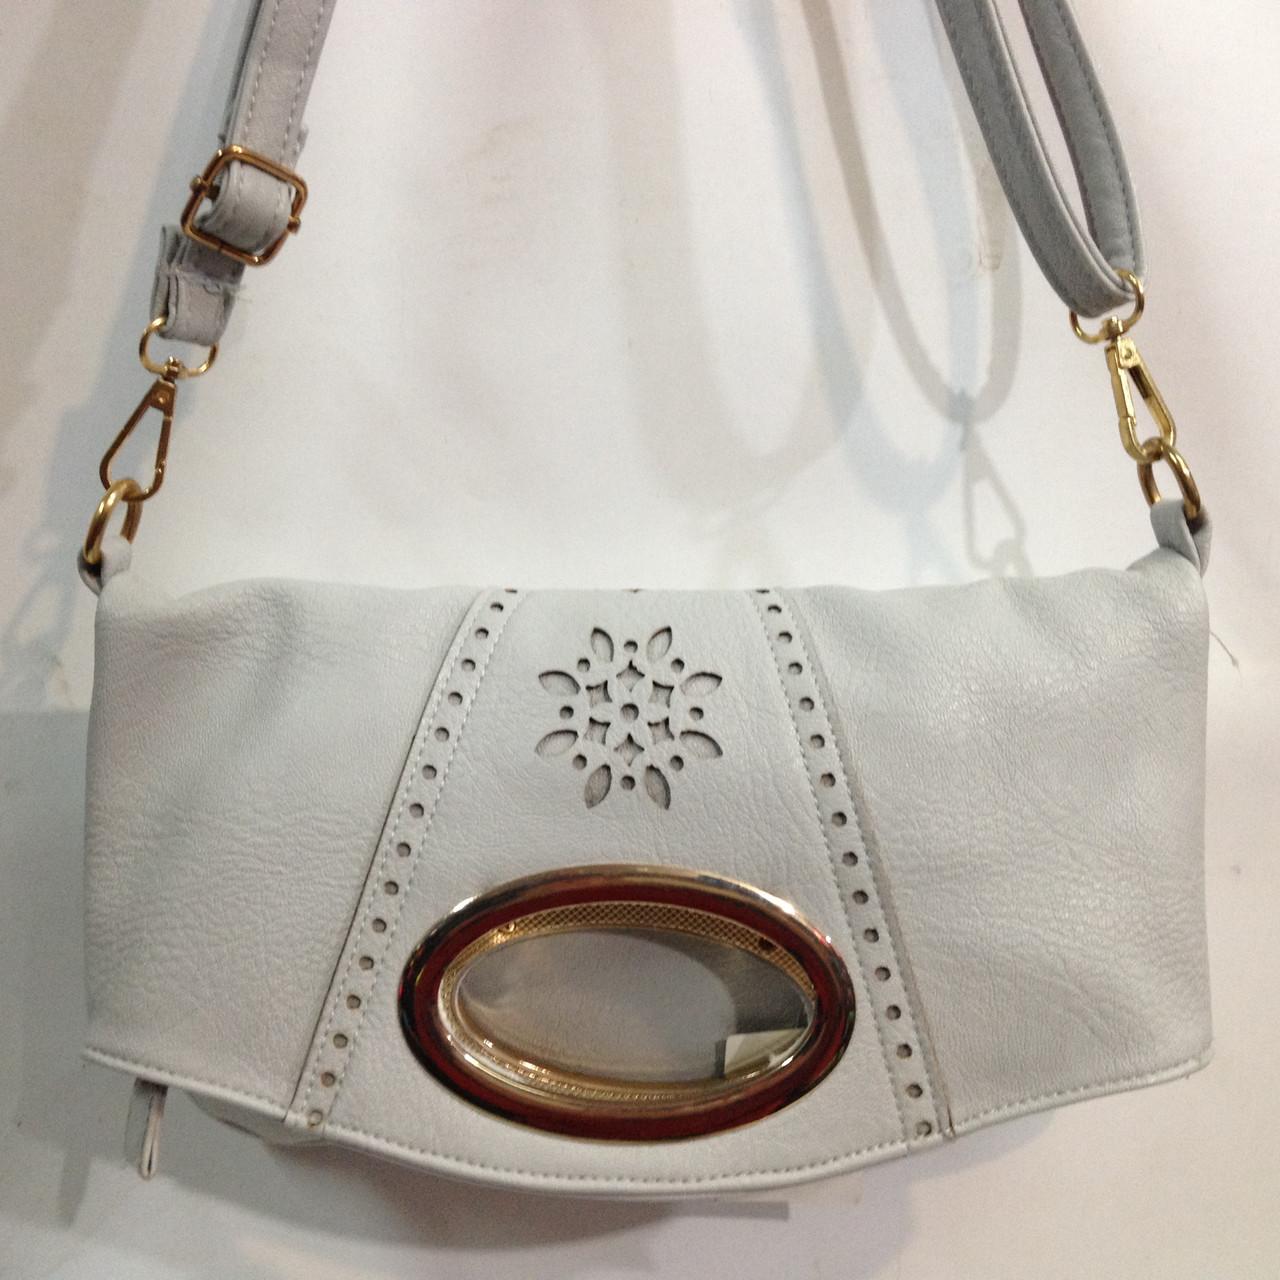 92383a0d7b15 Китай диагональные сумки \\женские сумки \\кожаные ткани PU оптом ...